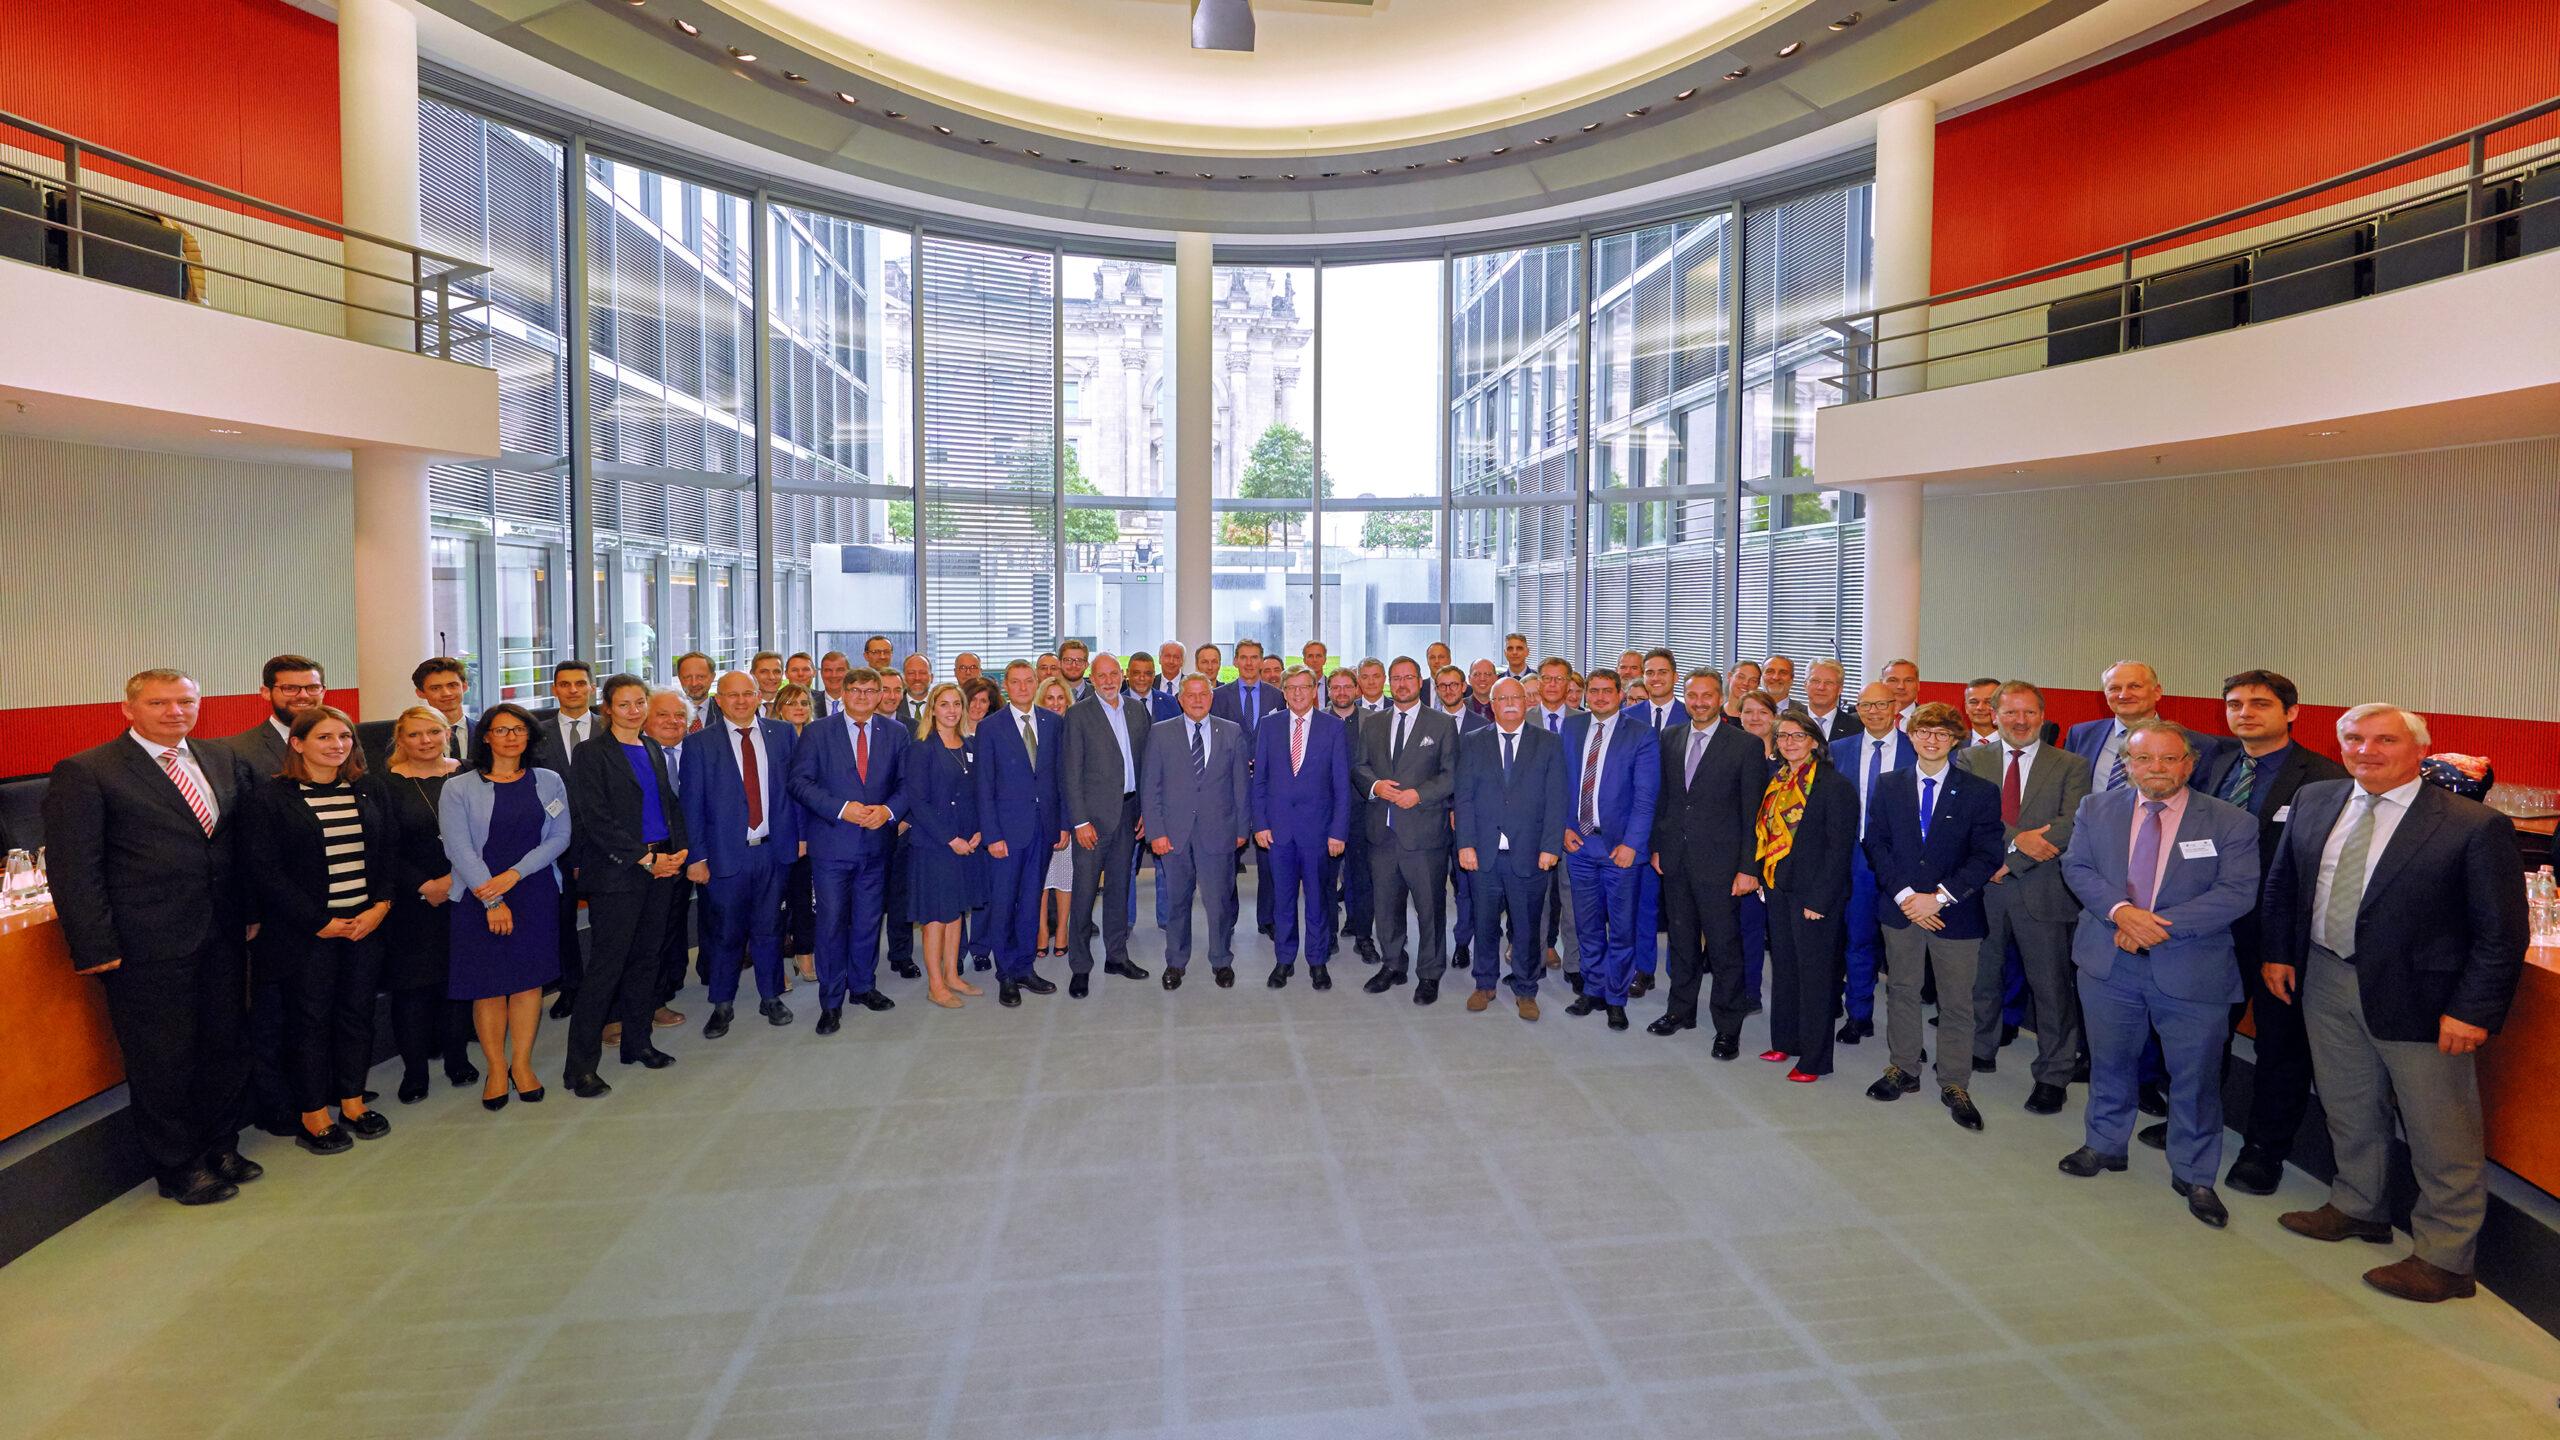 ASI - Delegazione italiana alla European Interparliamentary Space Conference